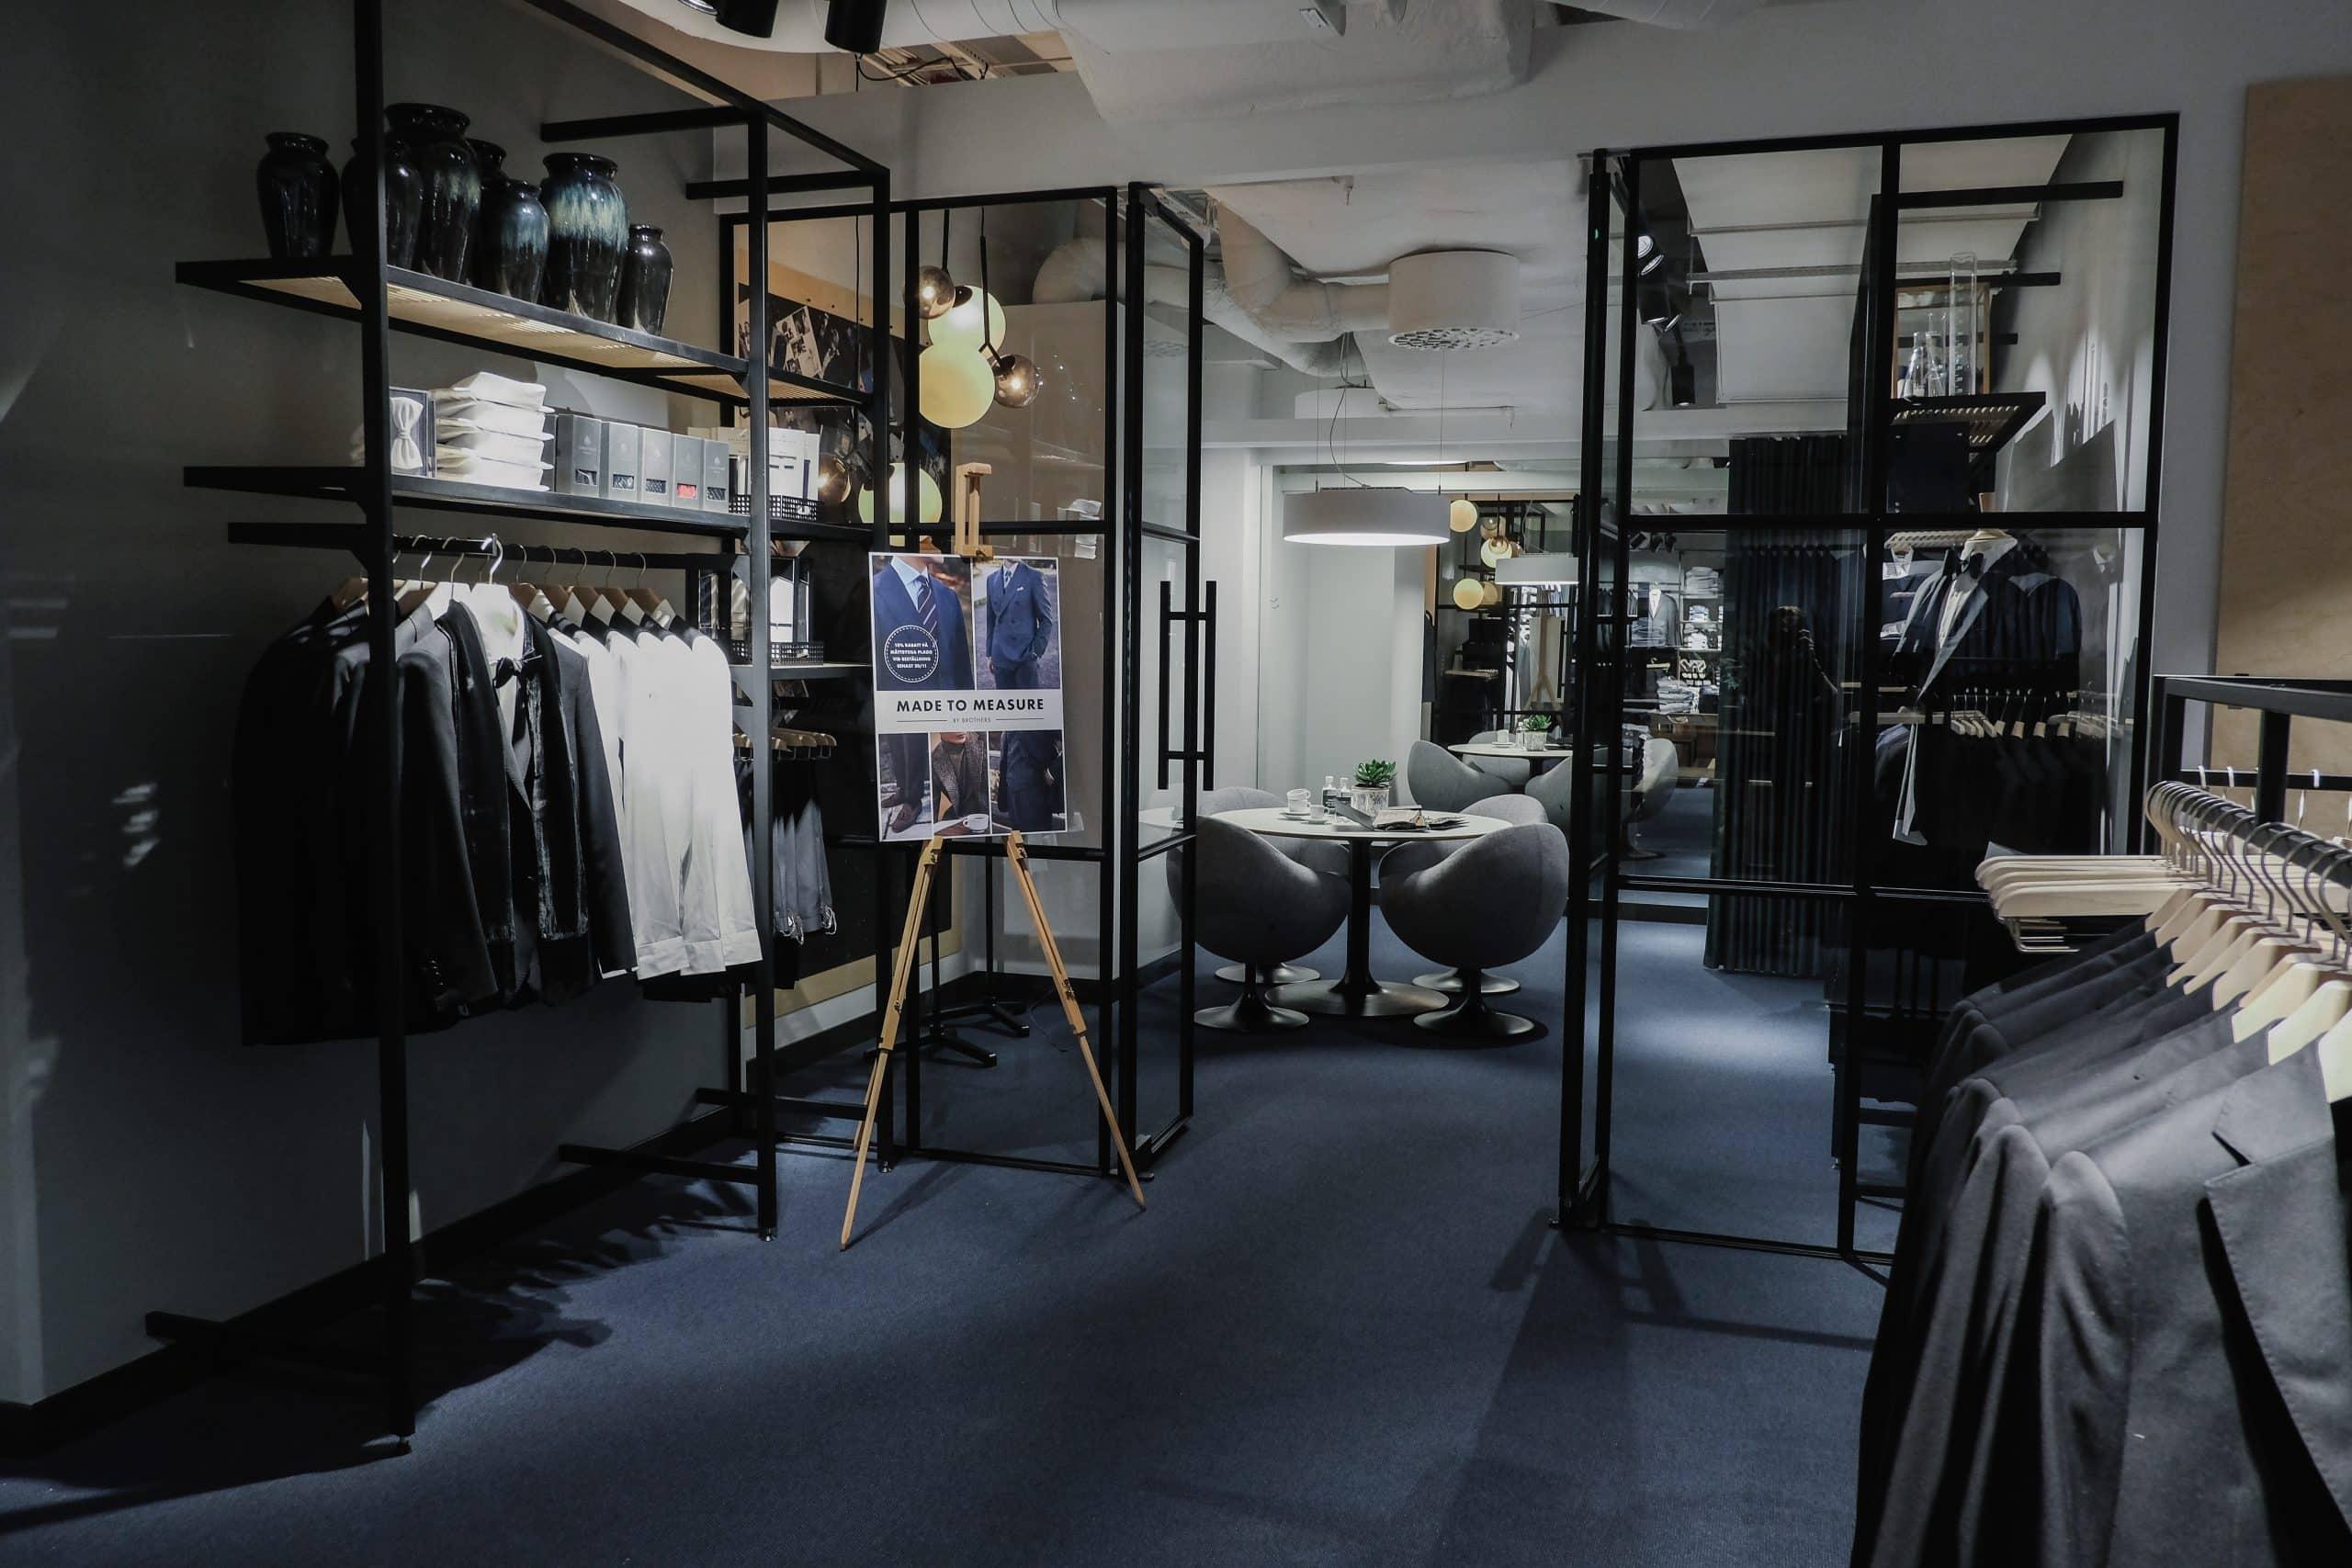 största brothers butiken i Sverige i nya gallerian